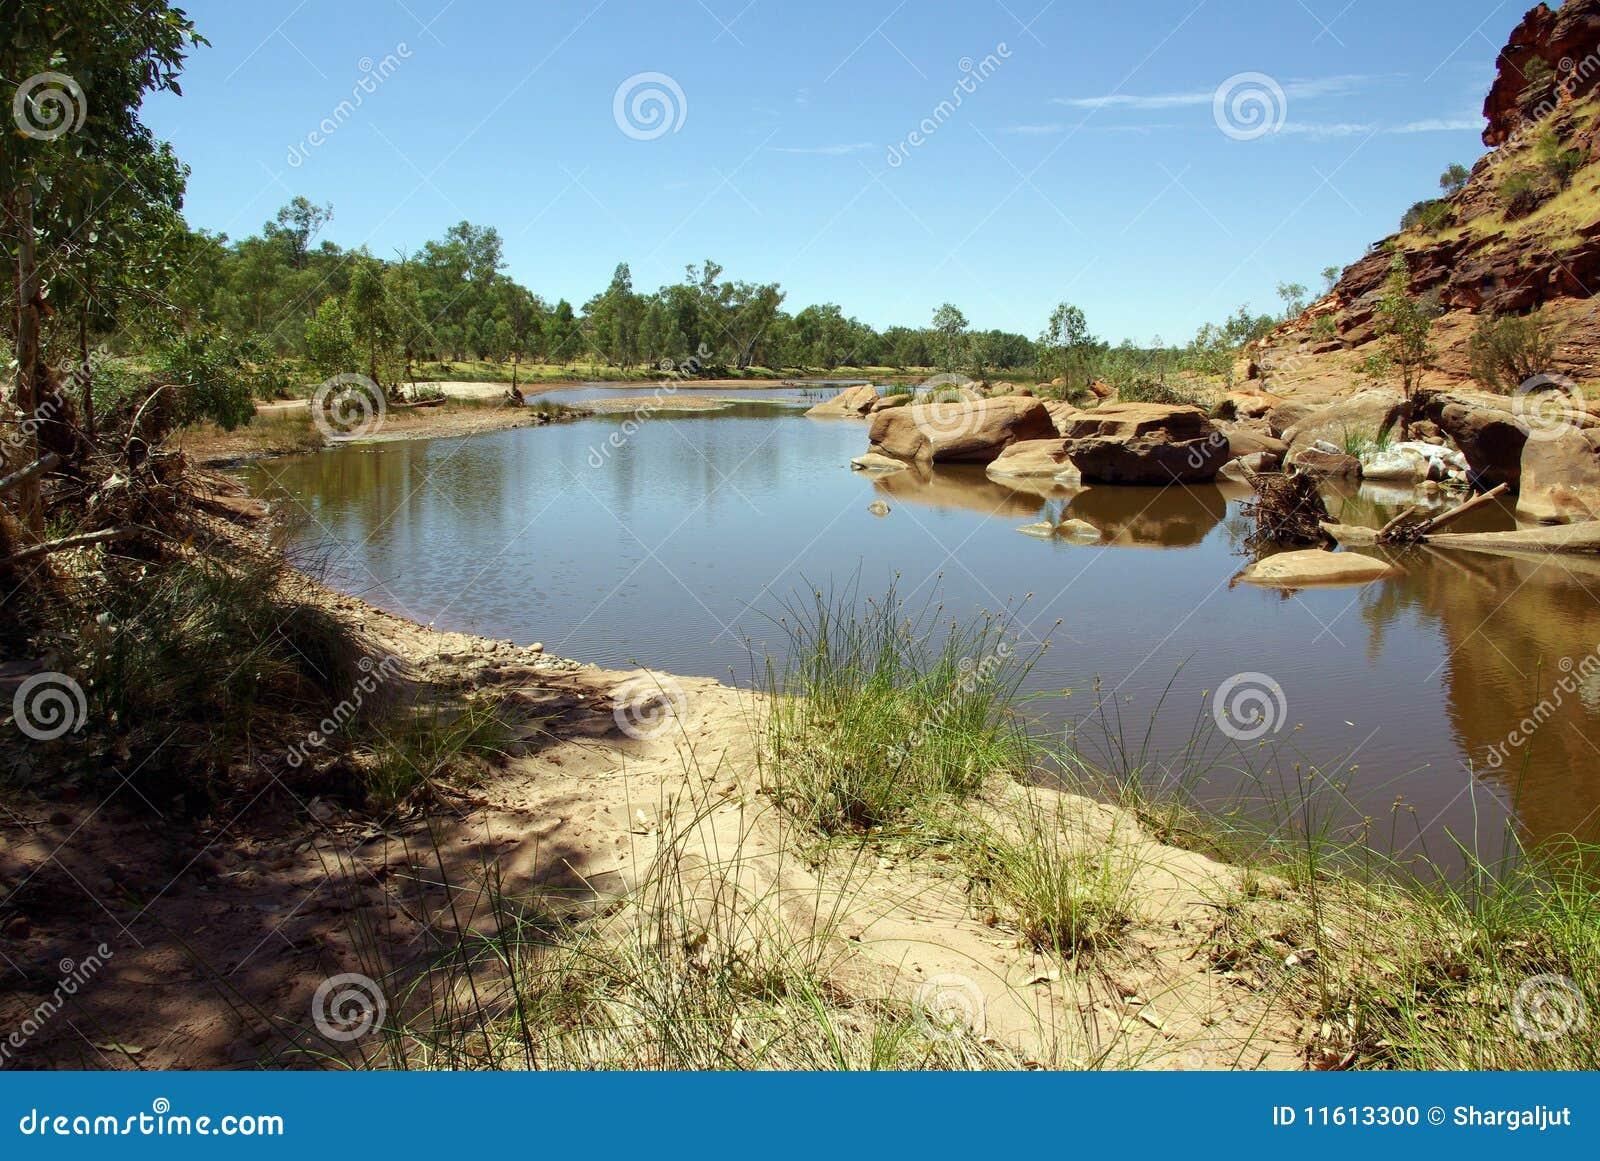 Finke Fluss, Australien